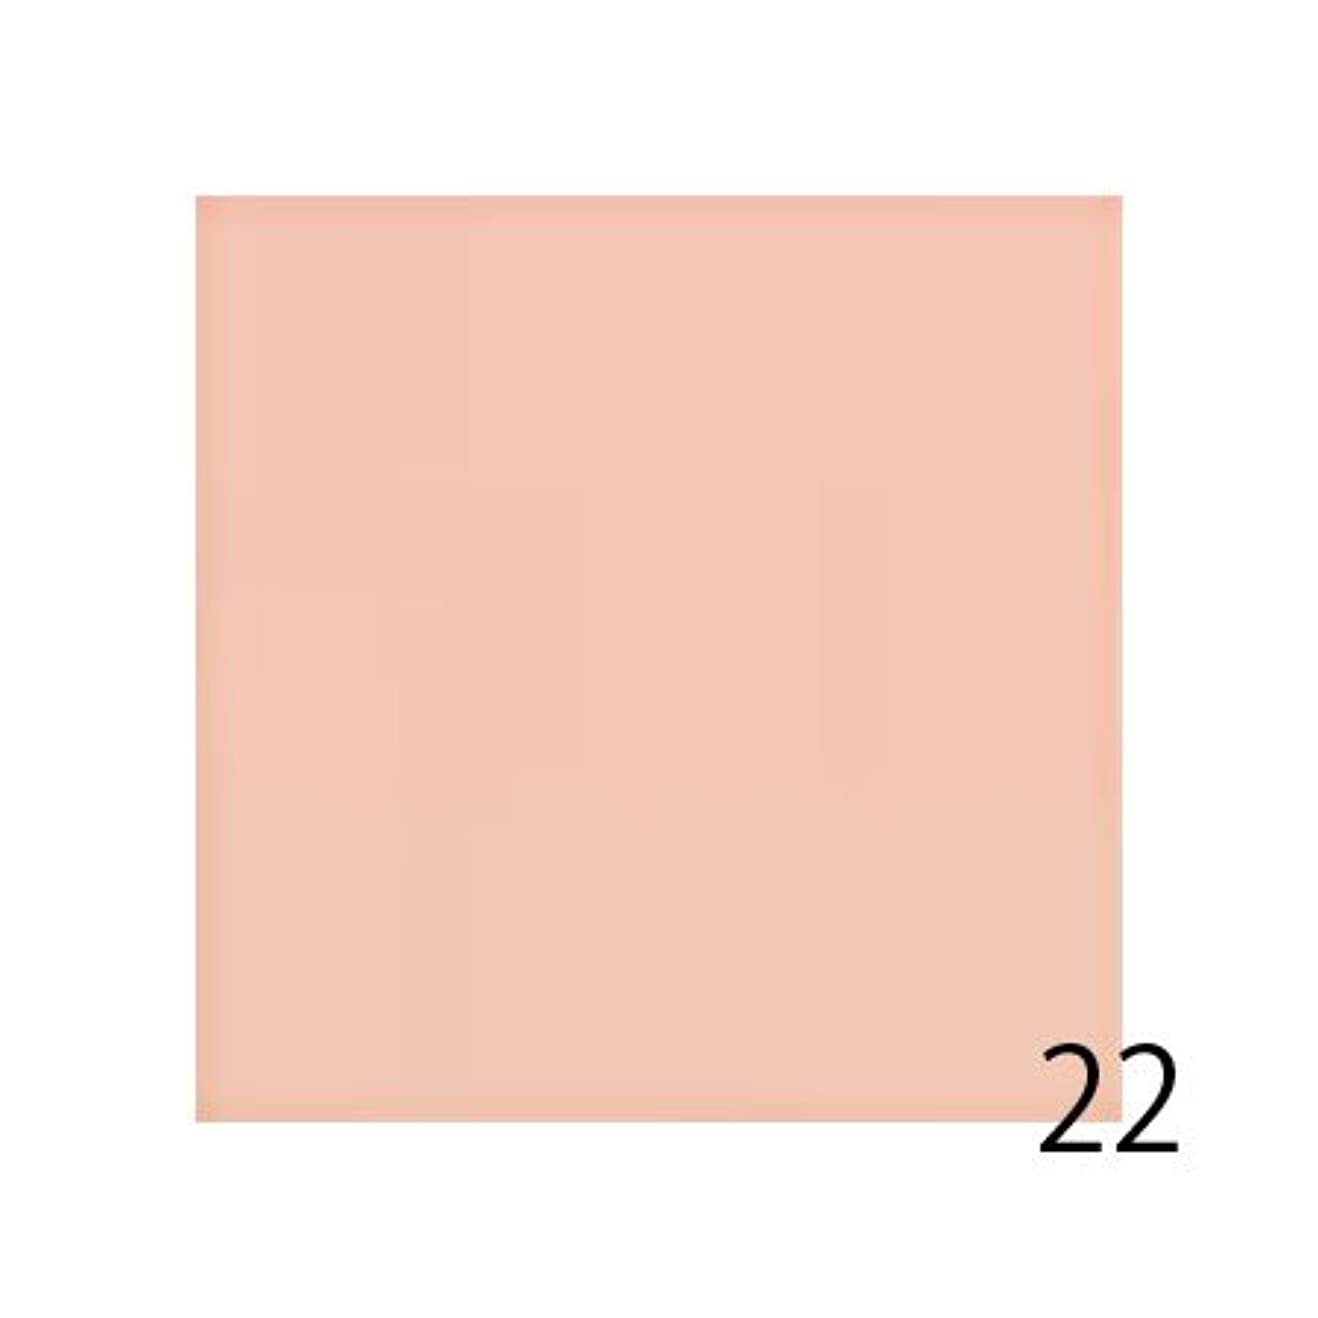 可決エジプト人ヒープシャネル ル タン ウルトラ フリュイド SPF15 30ml 全6色-CHANEL- 22